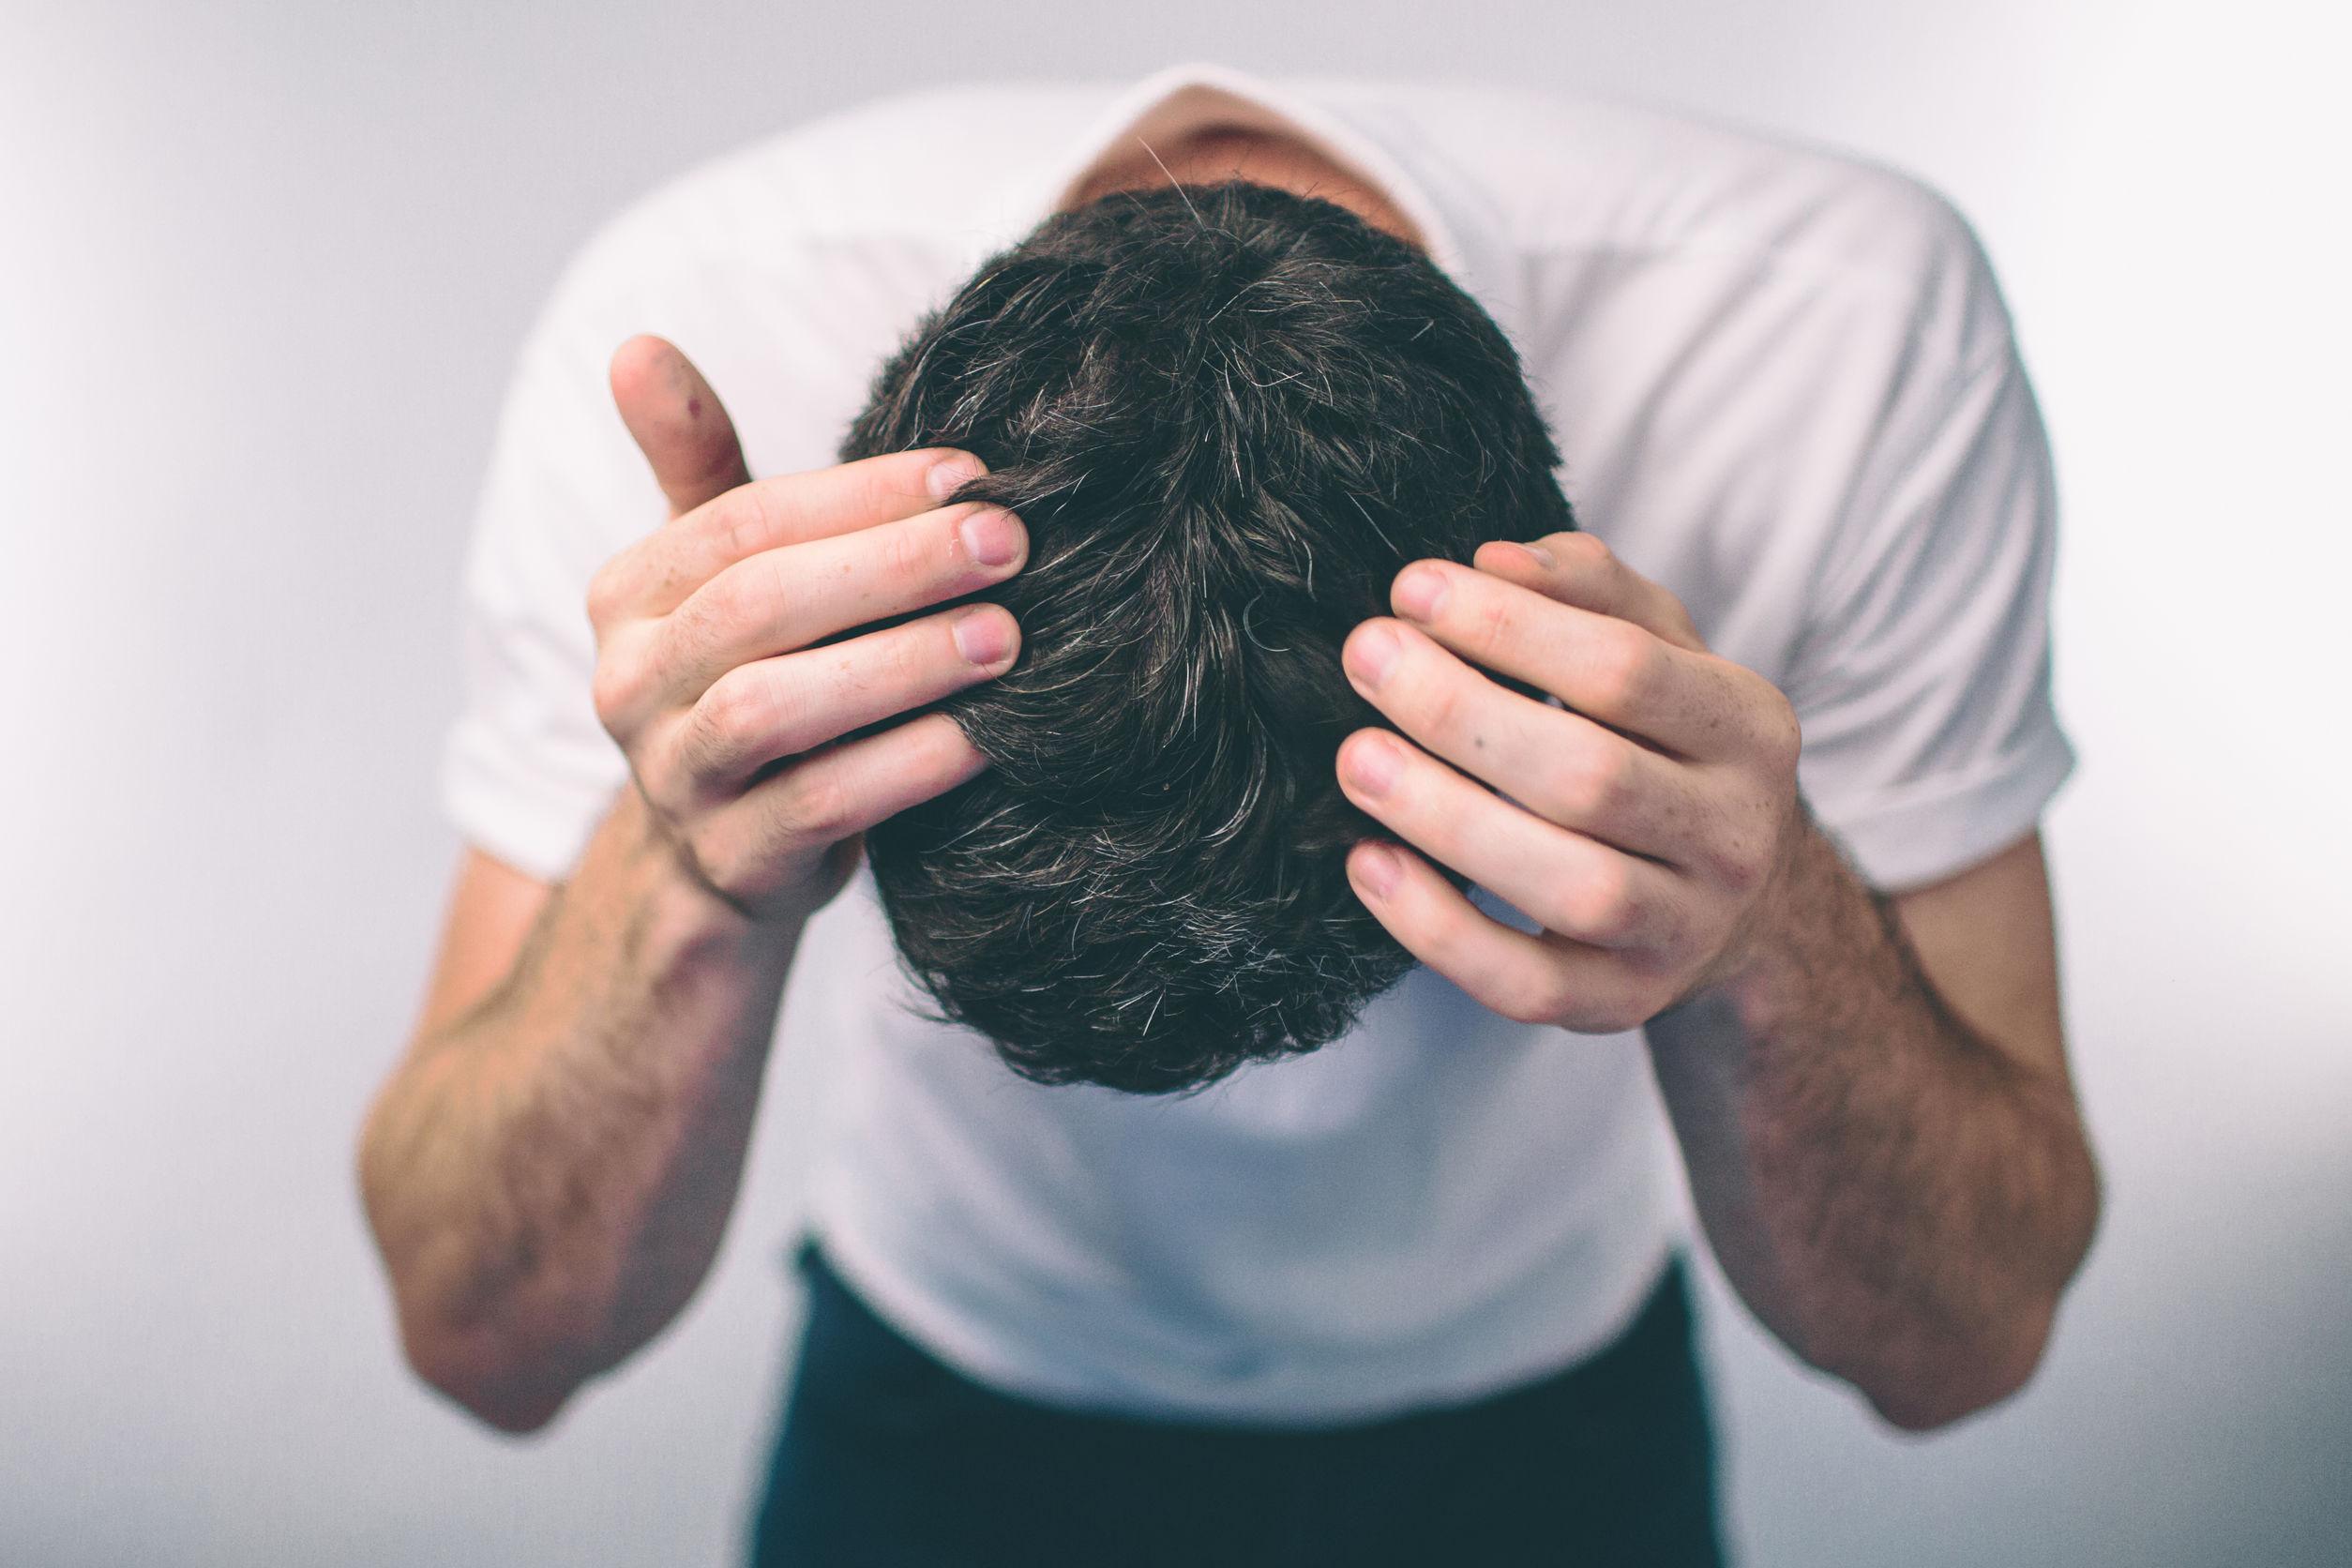 Foto de um homem de camiseta branca, inclinado para frente, sem mostrar o rosto, com as mãos no cabelo.